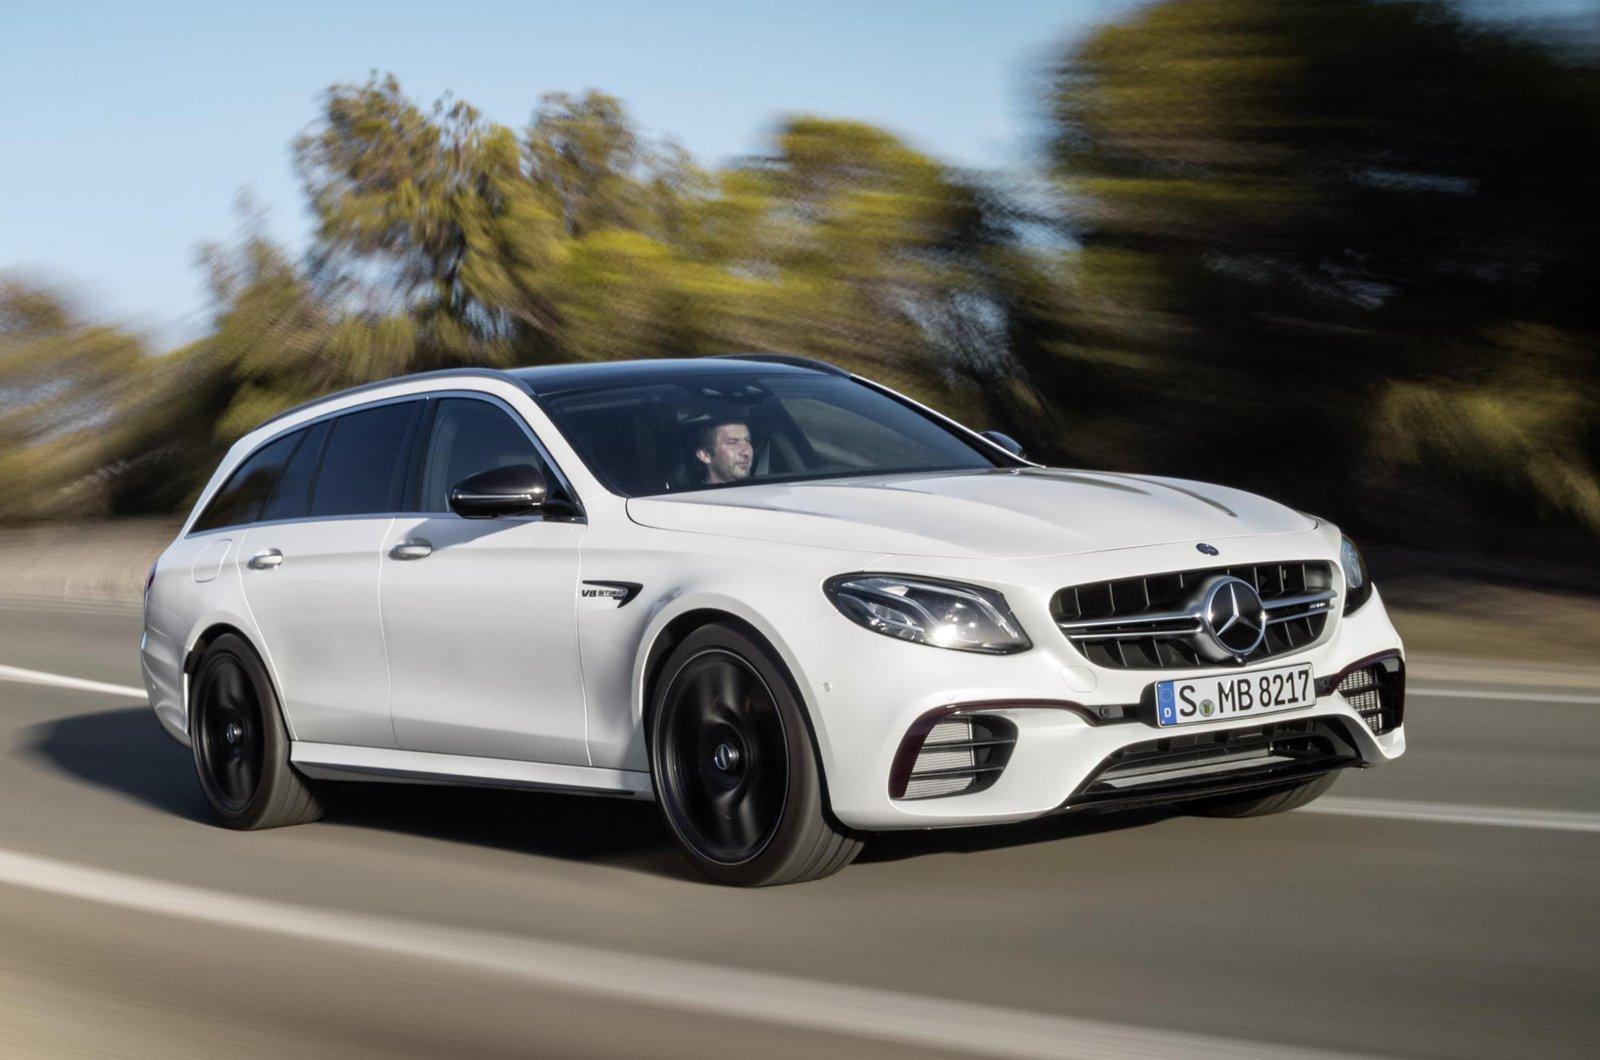 Mercedes-AM6 E63 S Estate front